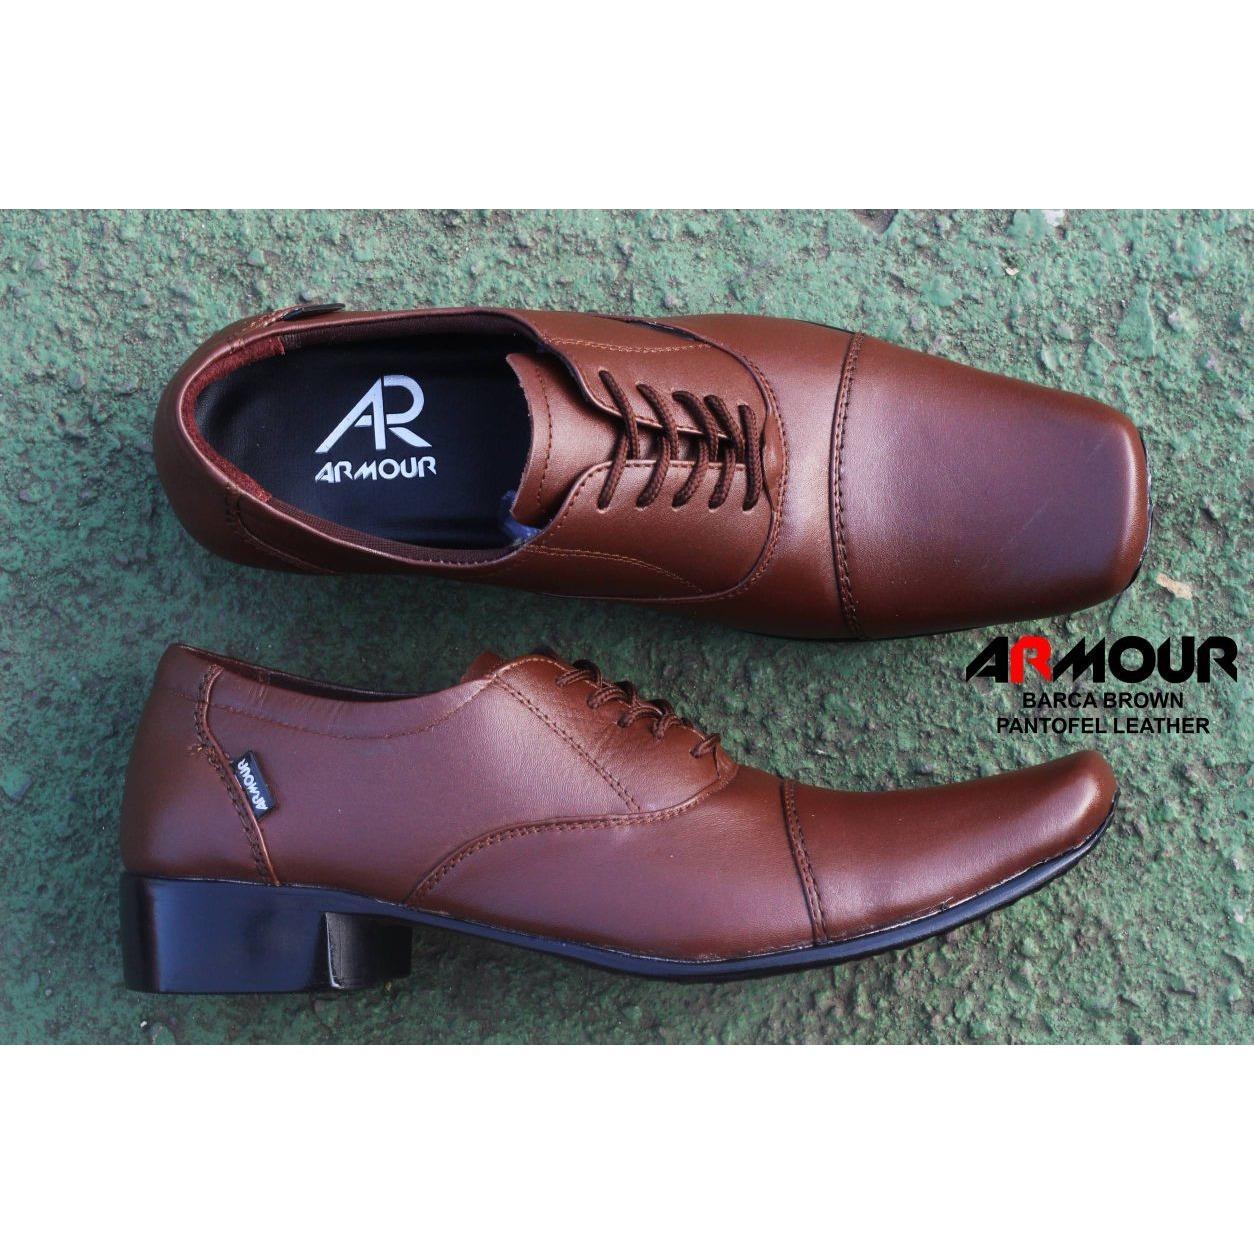 Sepatu Pantofel Tali Kulit Kickers Pantopel Hitam coklat Formal kerja kantor  safari dinas pesta resmi cowok 7416fe0e52